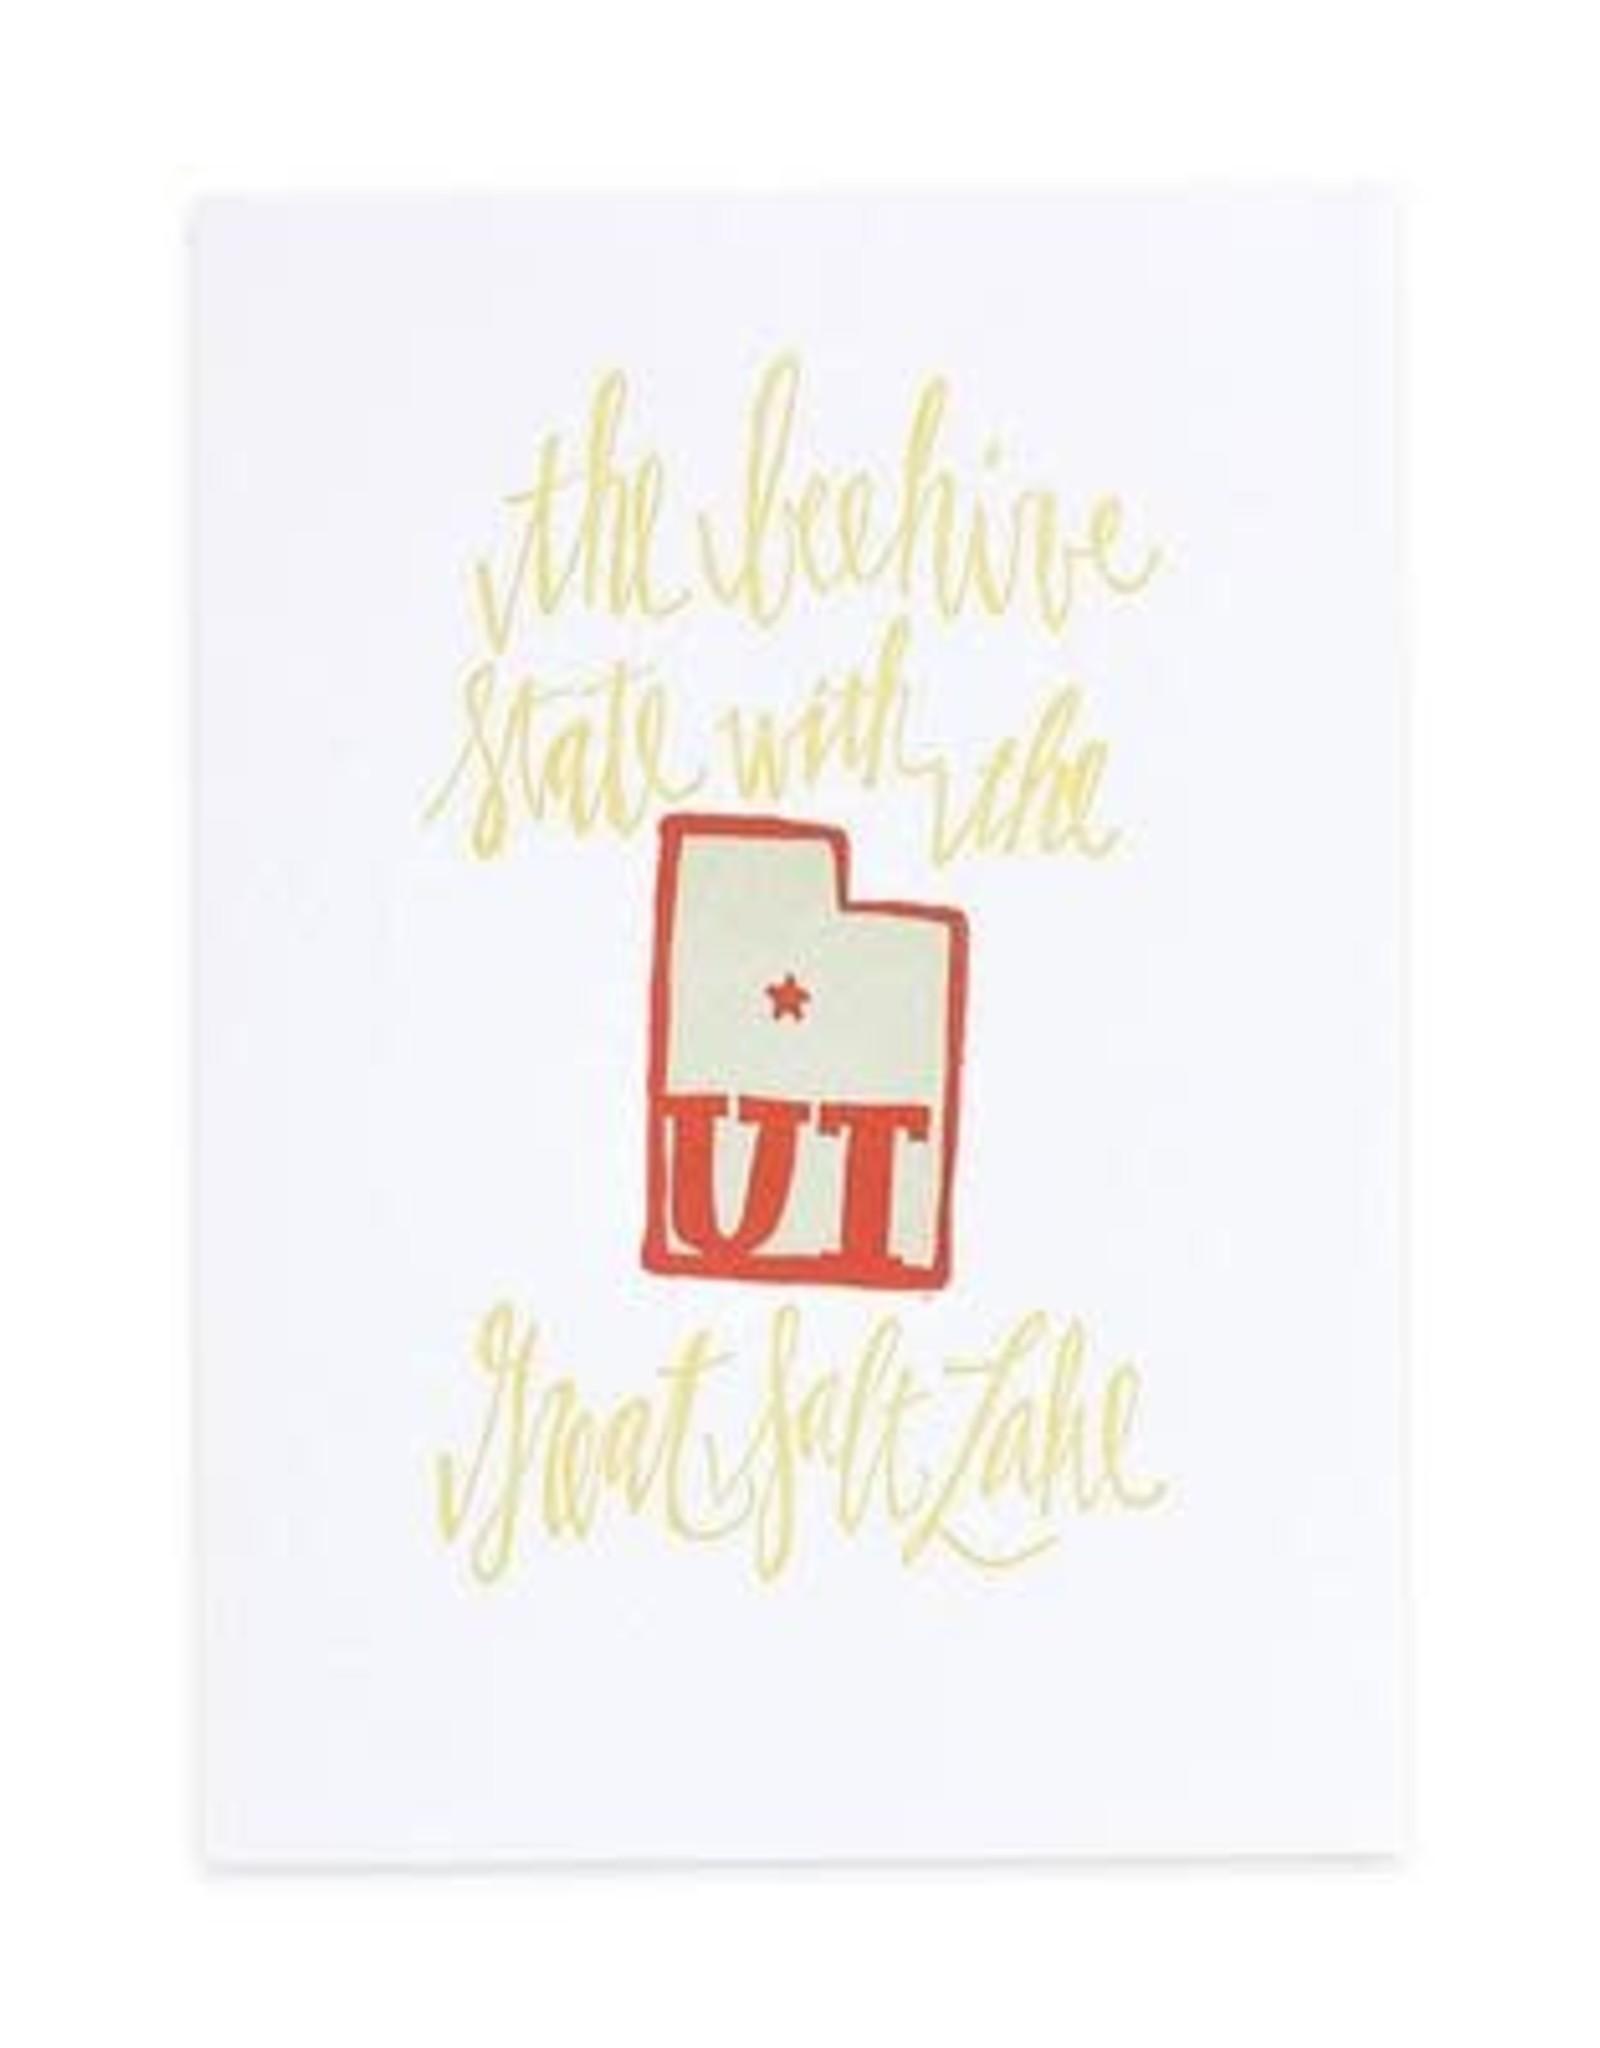 1Canoe2 Letterpress Utah Letterpress Print